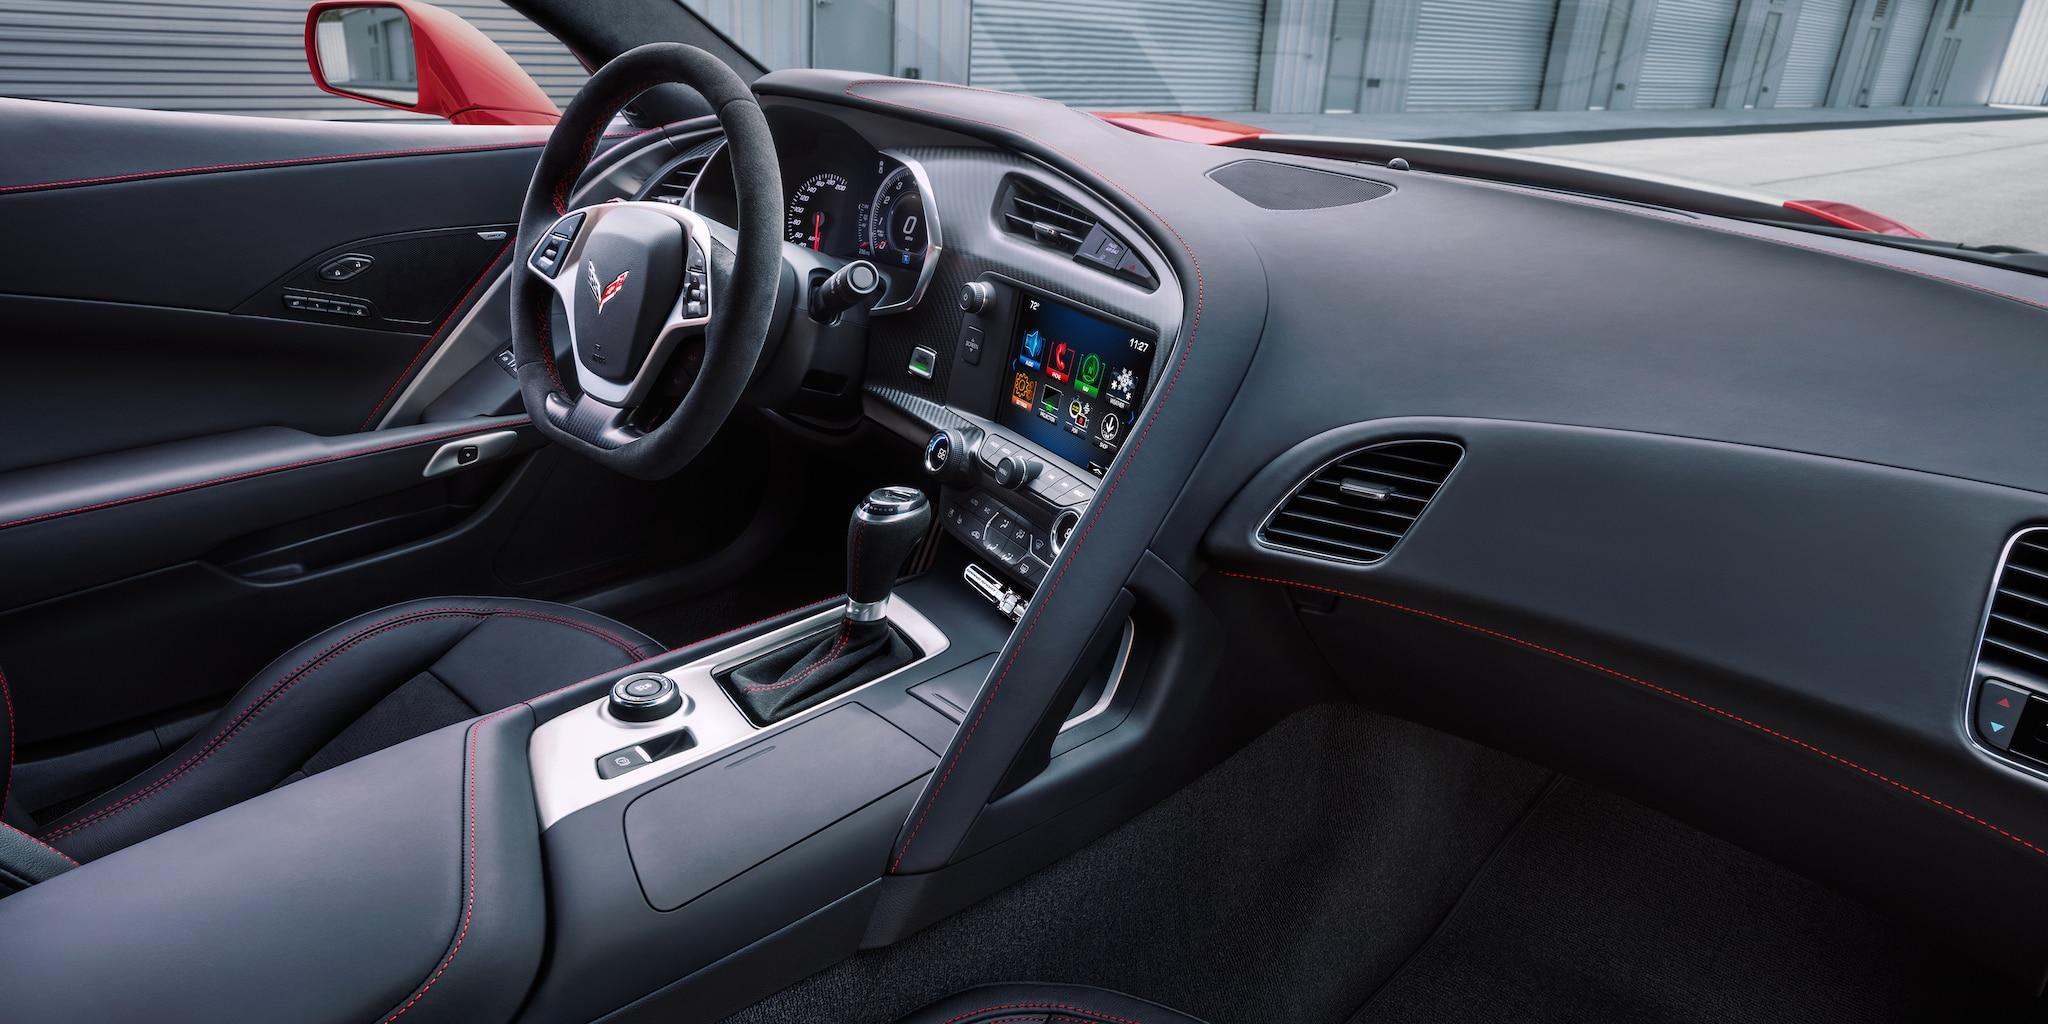 Diseño del auto deportivo Corvette Grand Sport 2019: interior, tablero